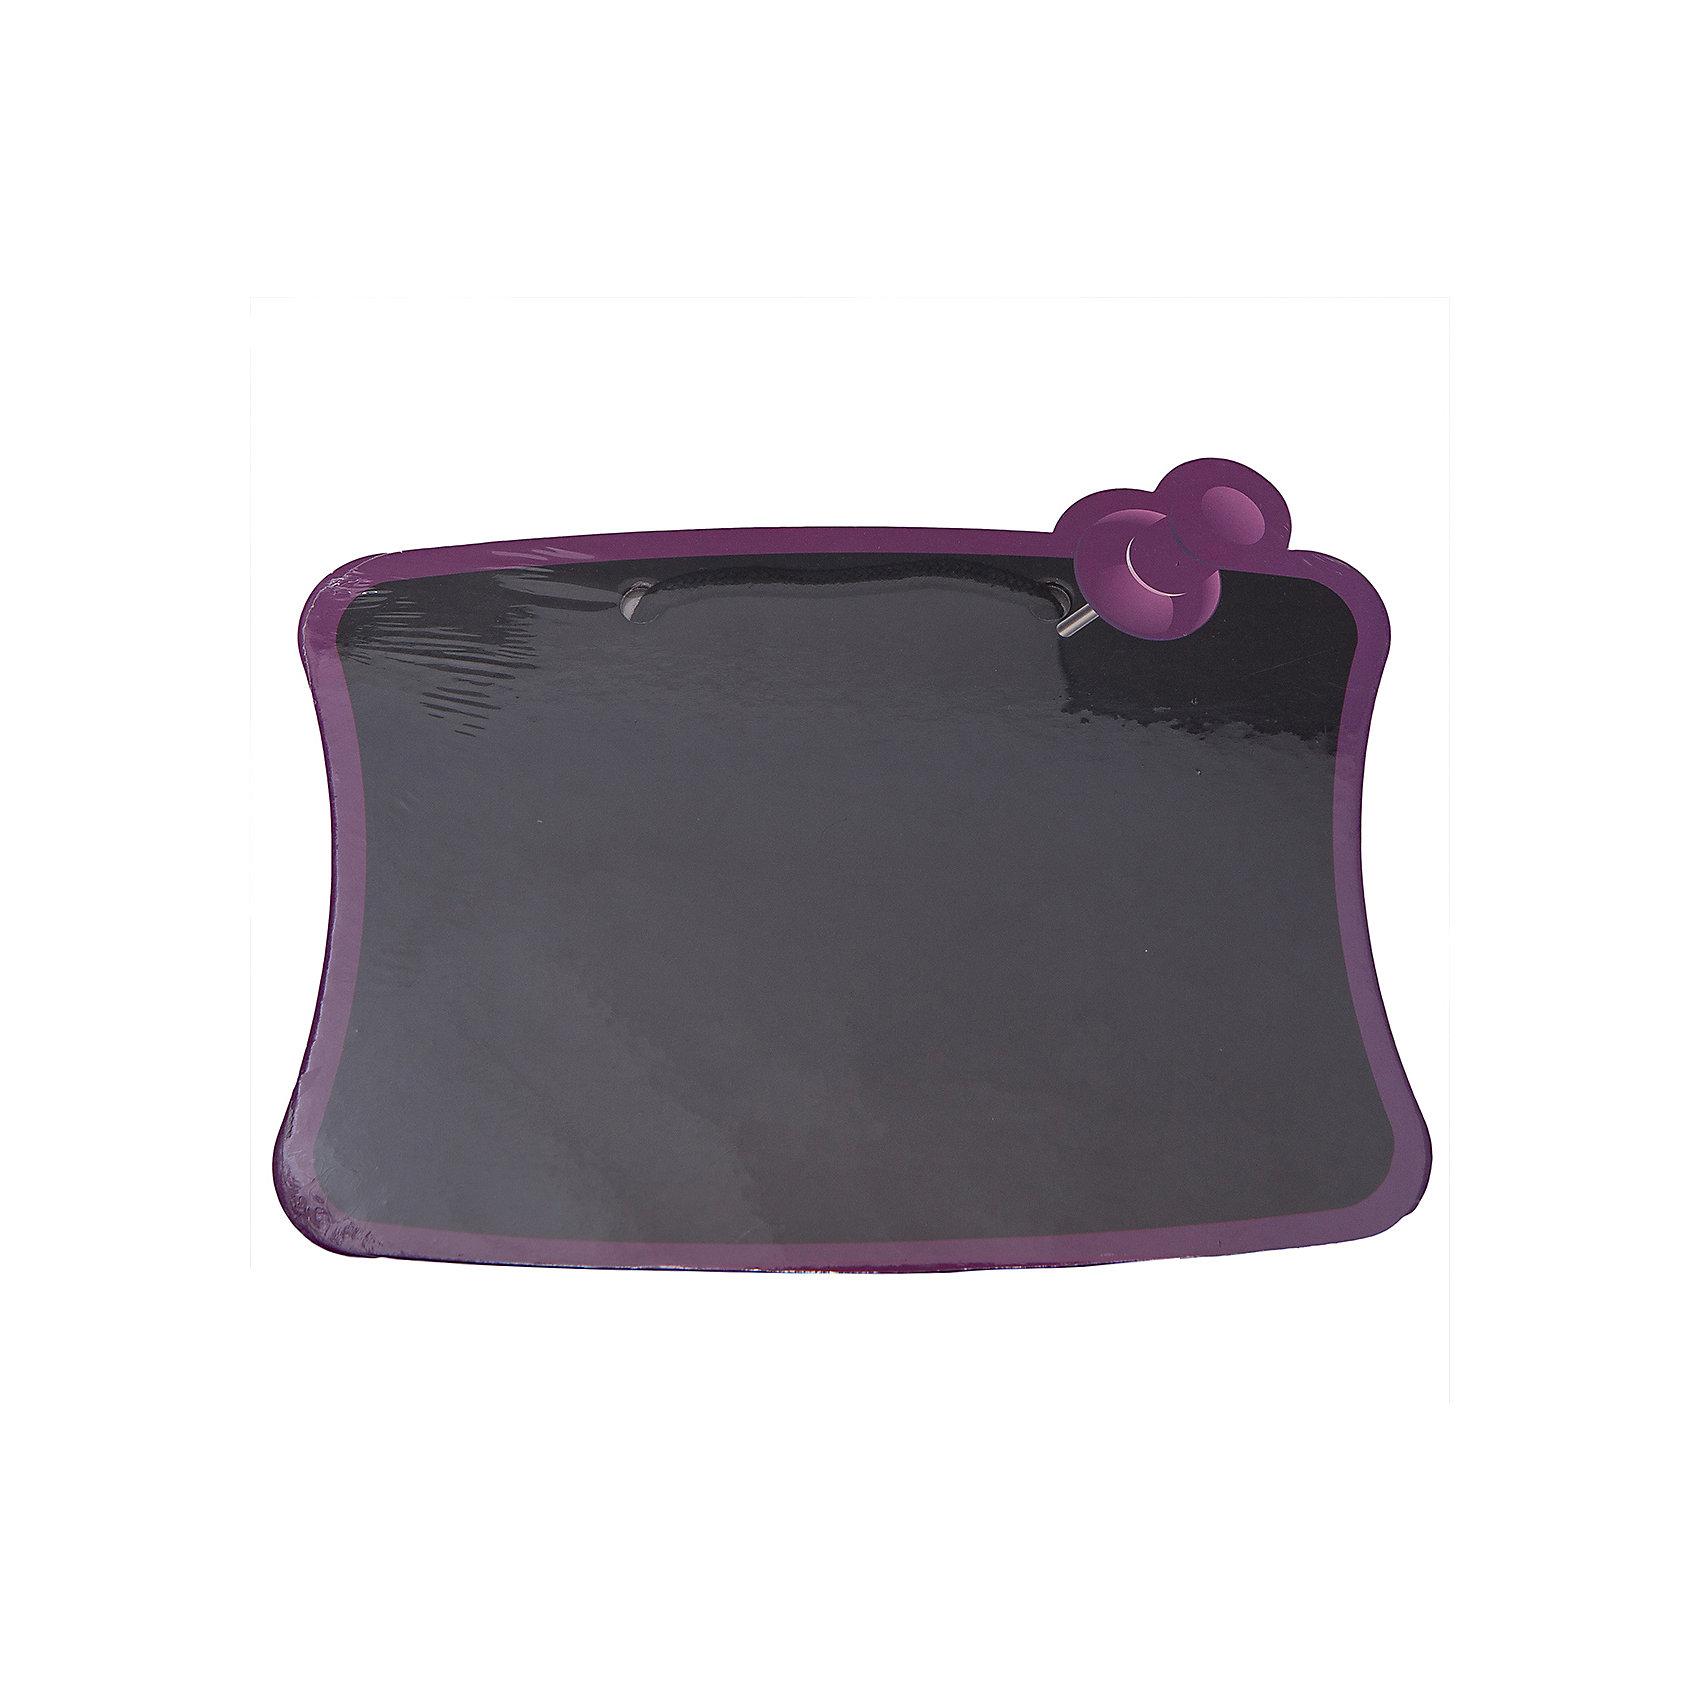 Доска для рисования мелом, 245*180 мм., CENTRUMМольберты и доски для рисования<br>Доска для рисования мелом, Centrum, прекрасно подойдет для записей и рисования. Доска выполнена в виде листа бумаги, закрепленного с помощью розовой кнопки. Записи или рисунки можно легко стереть обычной тряпкой или губкой. Доска изготовлена из ламинированного картона, имеется специальная ручка для переноски или для подвешивания. <br><br>Дополнительная информация:<br><br>- Цвет: черный.<br>- Материал: ламинированный картон.  <br>- Размер доски: 24,5 х 18 см. <br>- Размер упаковки: 0,3 х 26,5 х 19,5 см.<br>- Вес: 93 гр. <br><br>Доску для рисования мелом, Centrum, можно купить в нашем интернет-магазине.<br><br>Ширина мм: 3<br>Глубина мм: 265<br>Высота мм: 195<br>Вес г: 93<br>Возраст от месяцев: 36<br>Возраст до месяцев: 120<br>Пол: Унисекс<br>Возраст: Детский<br>SKU: 4356983